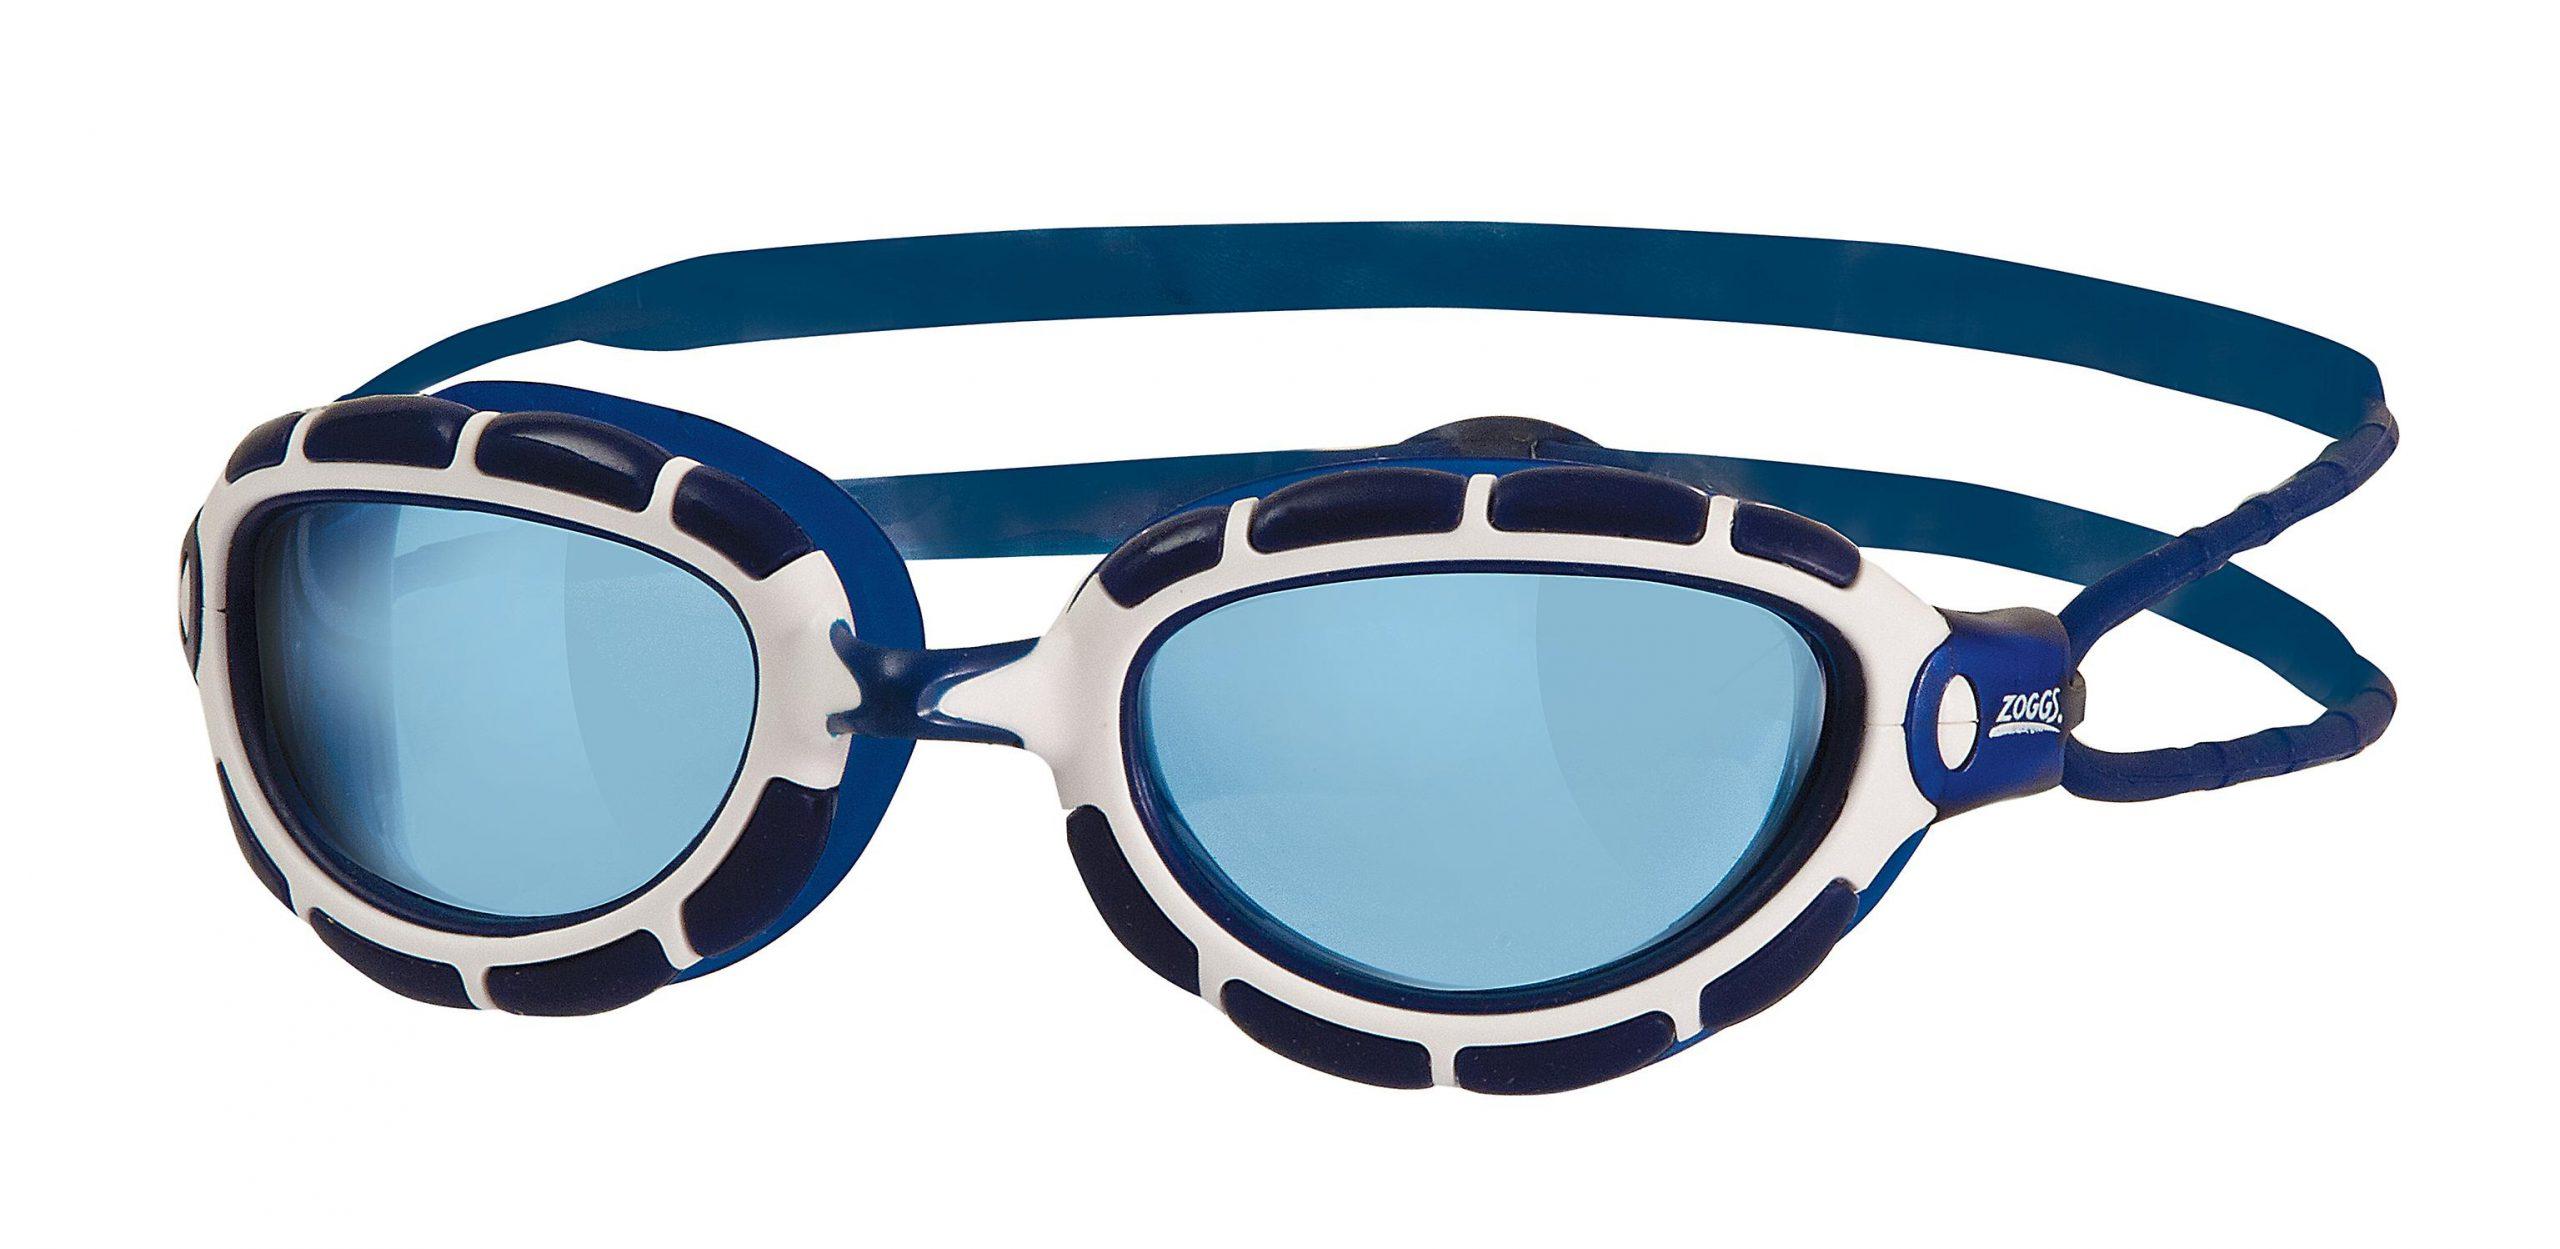 Zoggs Piscine Prédateur Lunettes - Lentilles Bleues - Bleu ... pour Lentilles Piscine